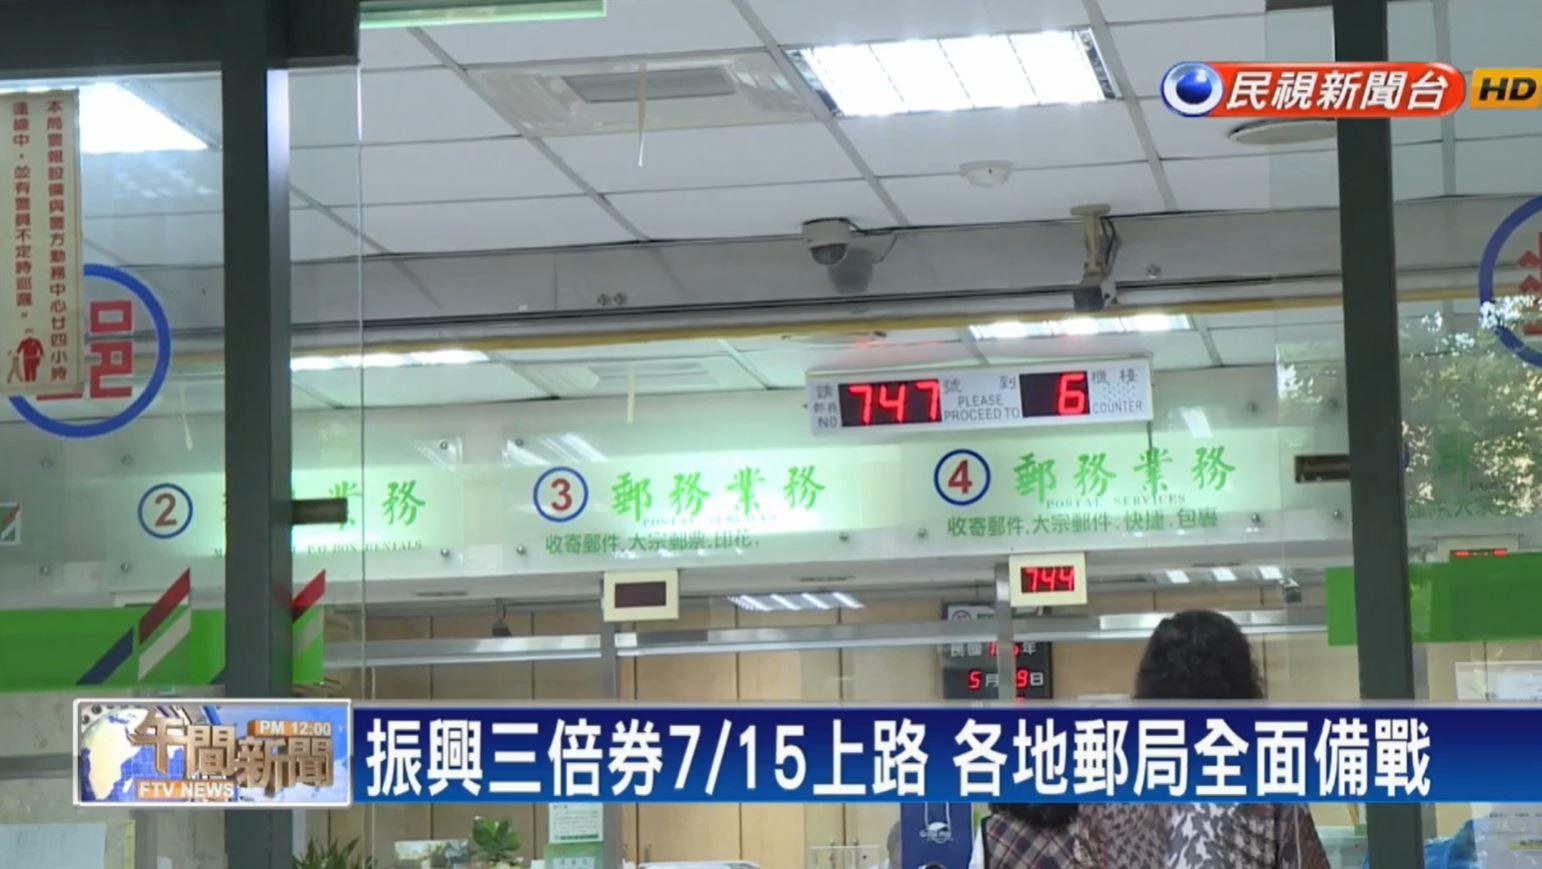 7/15開賣三倍券 郵局盼採「單雙號」分流